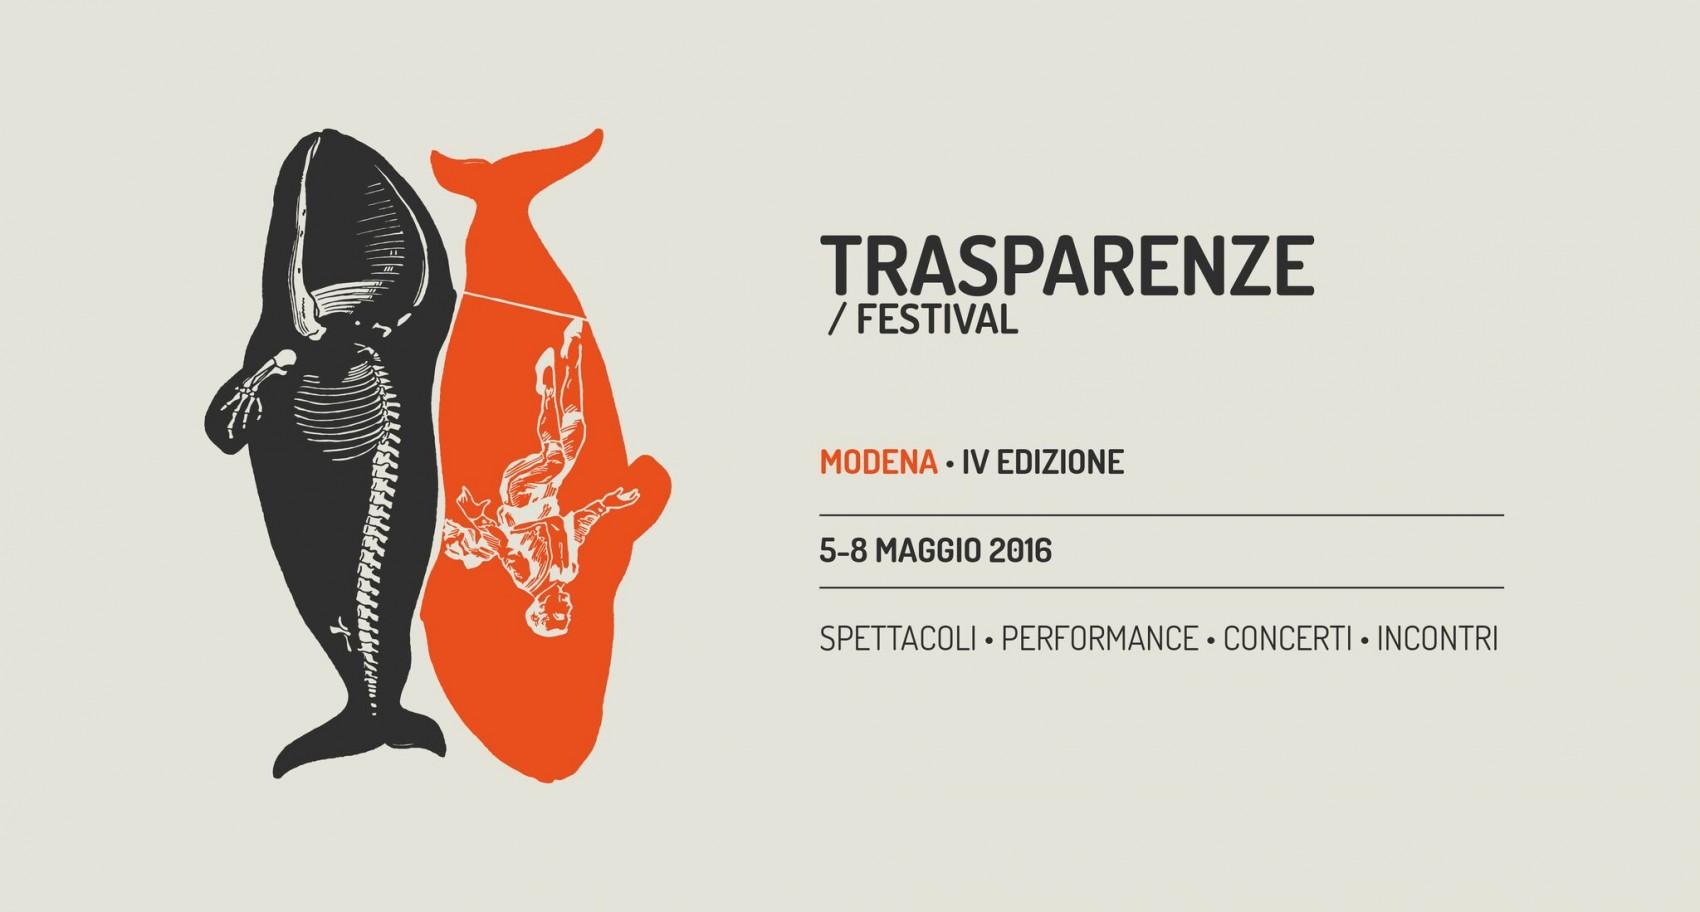 Festival Trasparenze 2016 Modena